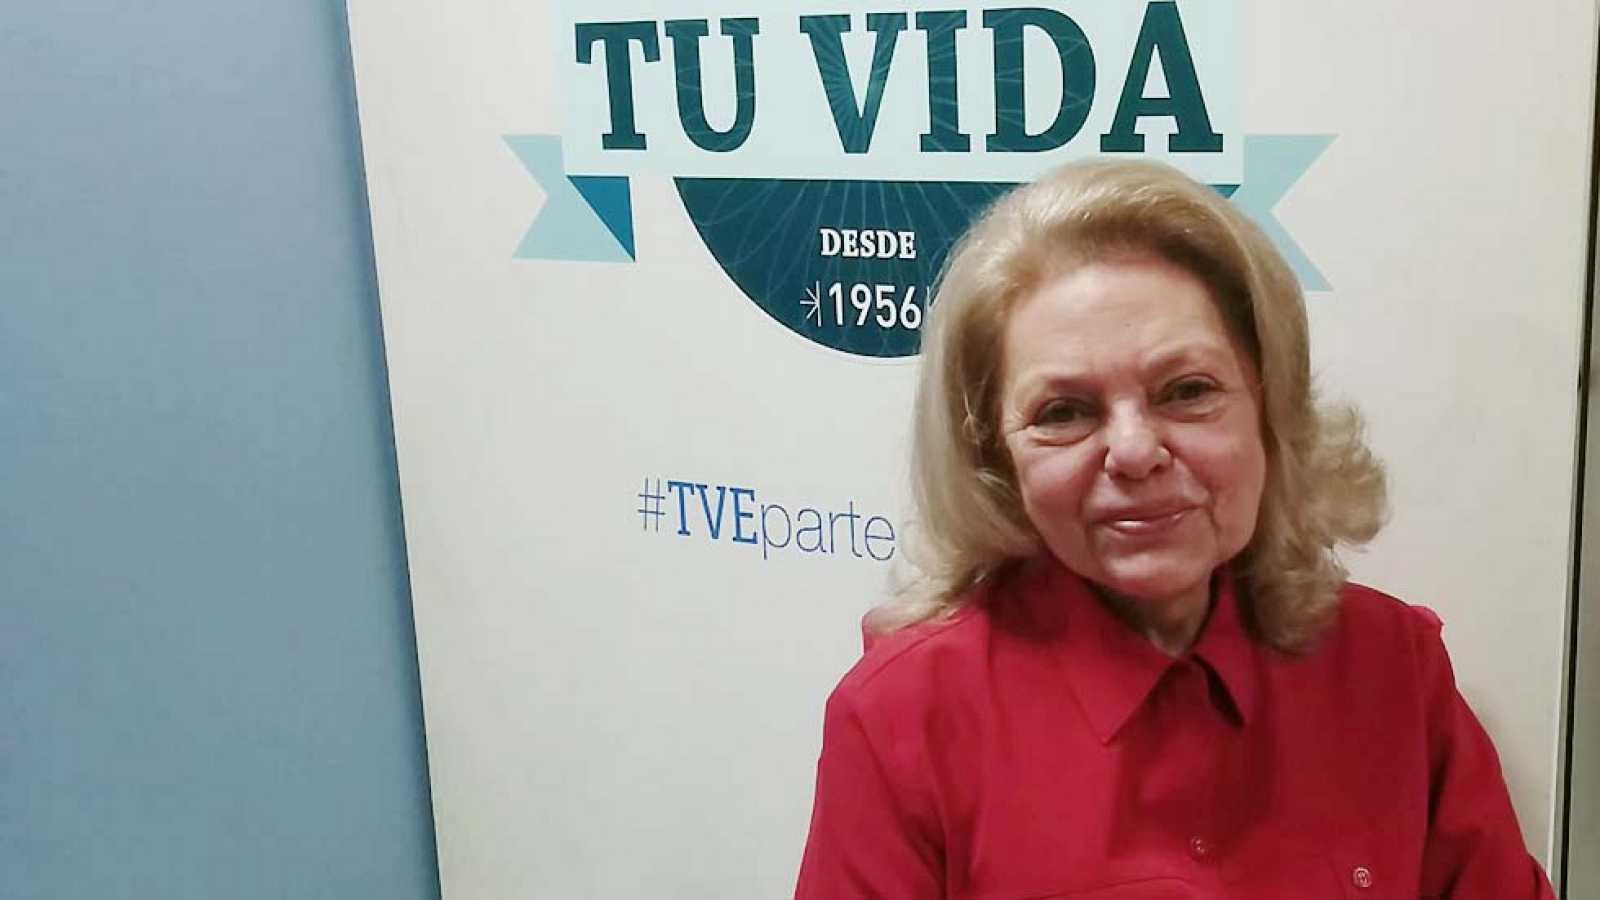 Mayra saluda a los fans de RTVE.es